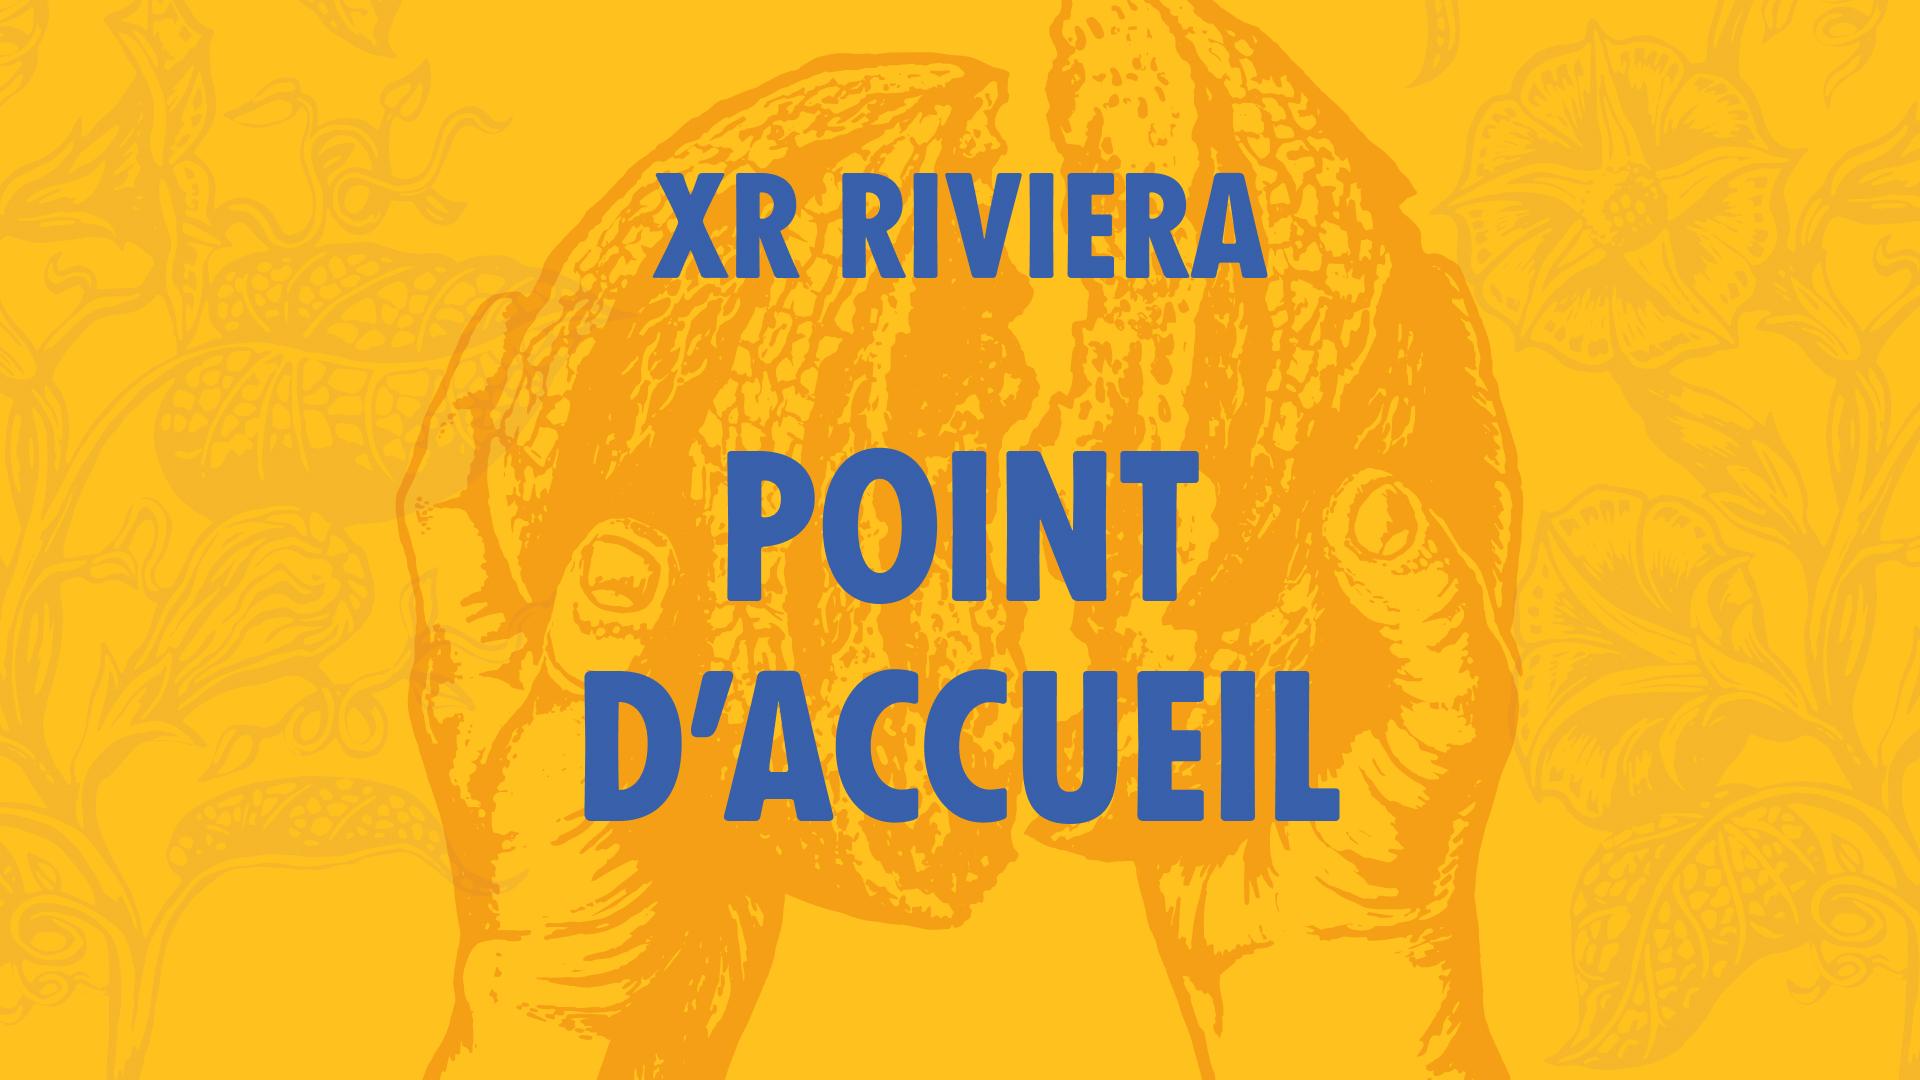 POINT D'ACCUEIL XR RIVIERA